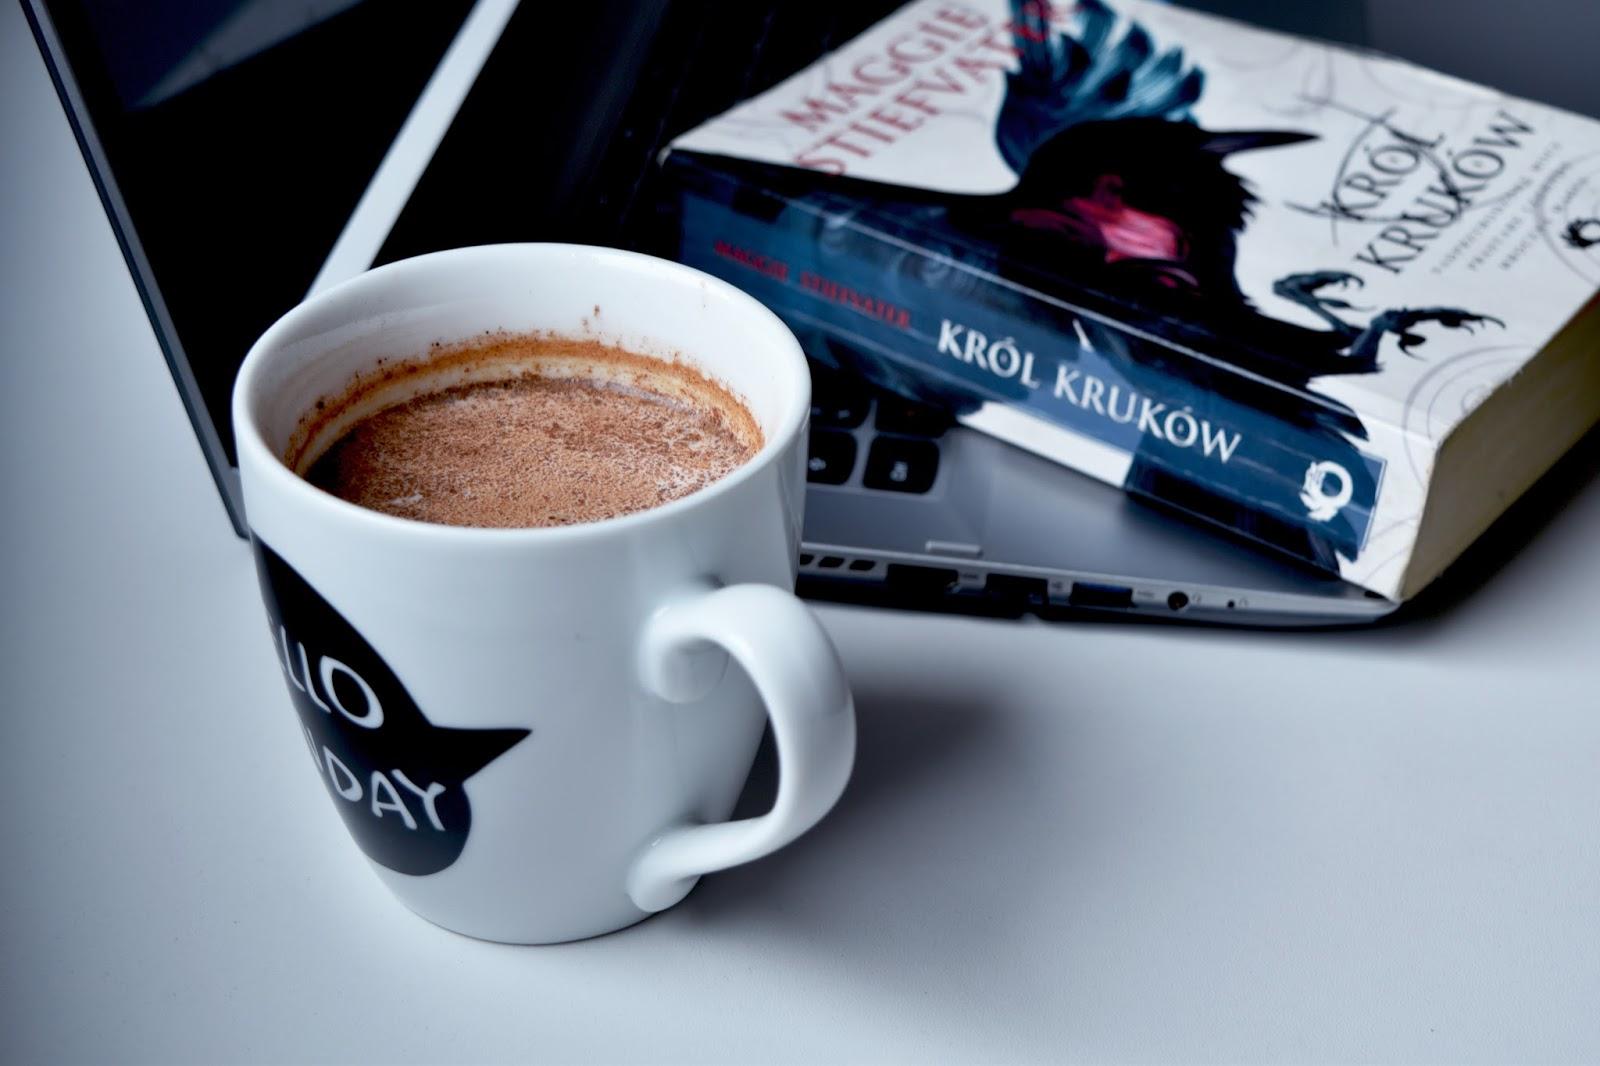 Król kruków, książka, kakao, jesień,